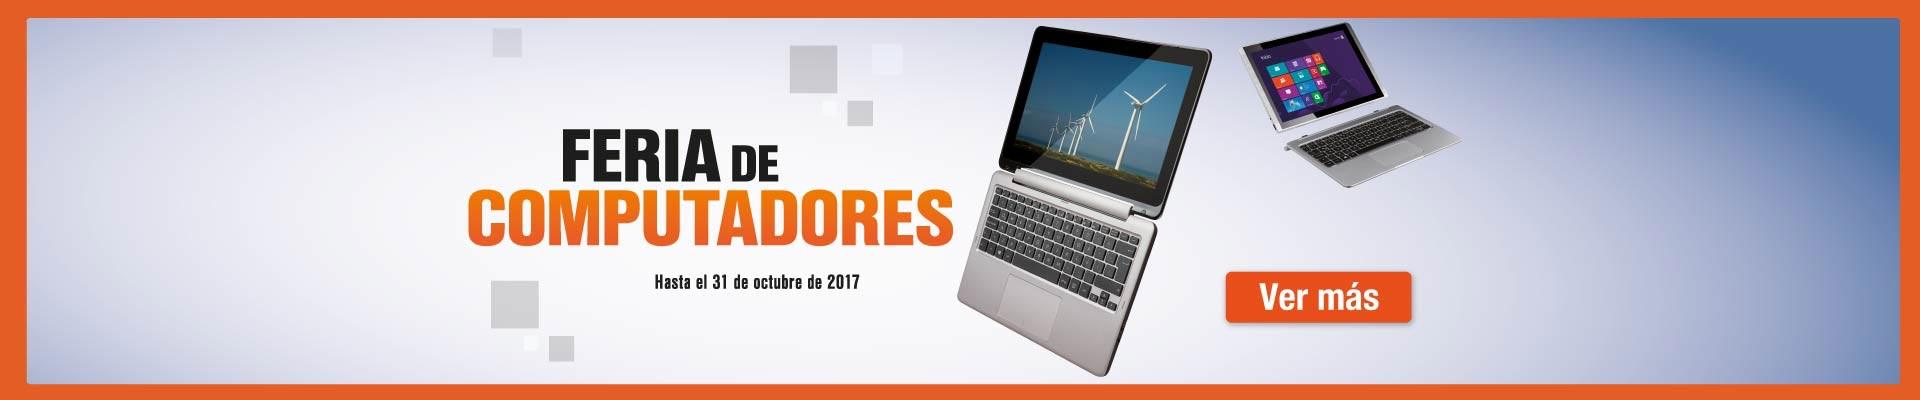 PPAL AK-1-computadores-Feria de Computadores-cat-octubre7-10-14-17-18-20